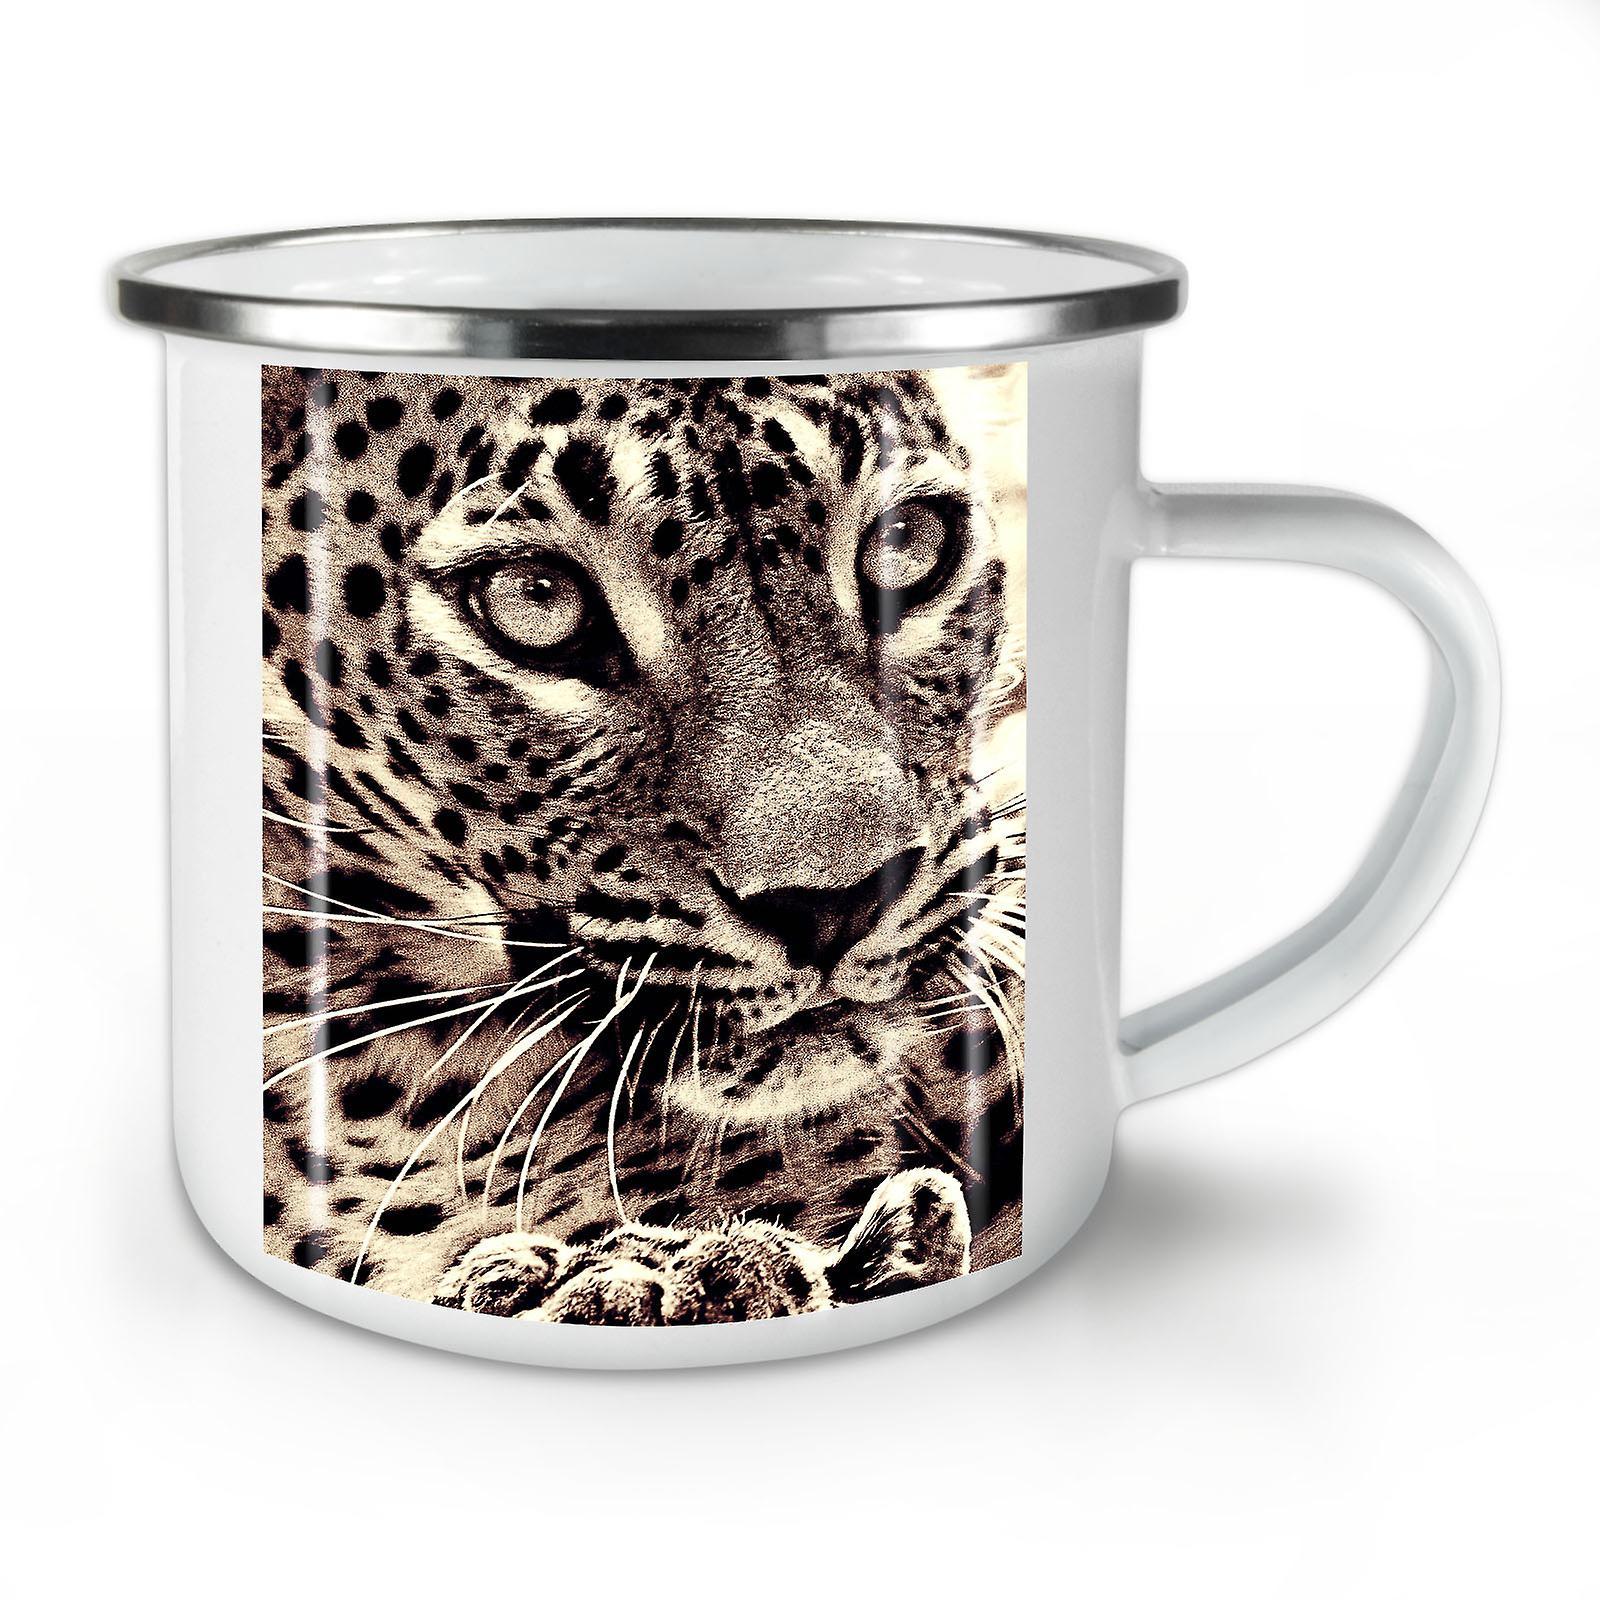 Photo Café Émail Face Tigre Whitetea Nouveau OzWellcoda Mug10 yIf6gmYvb7